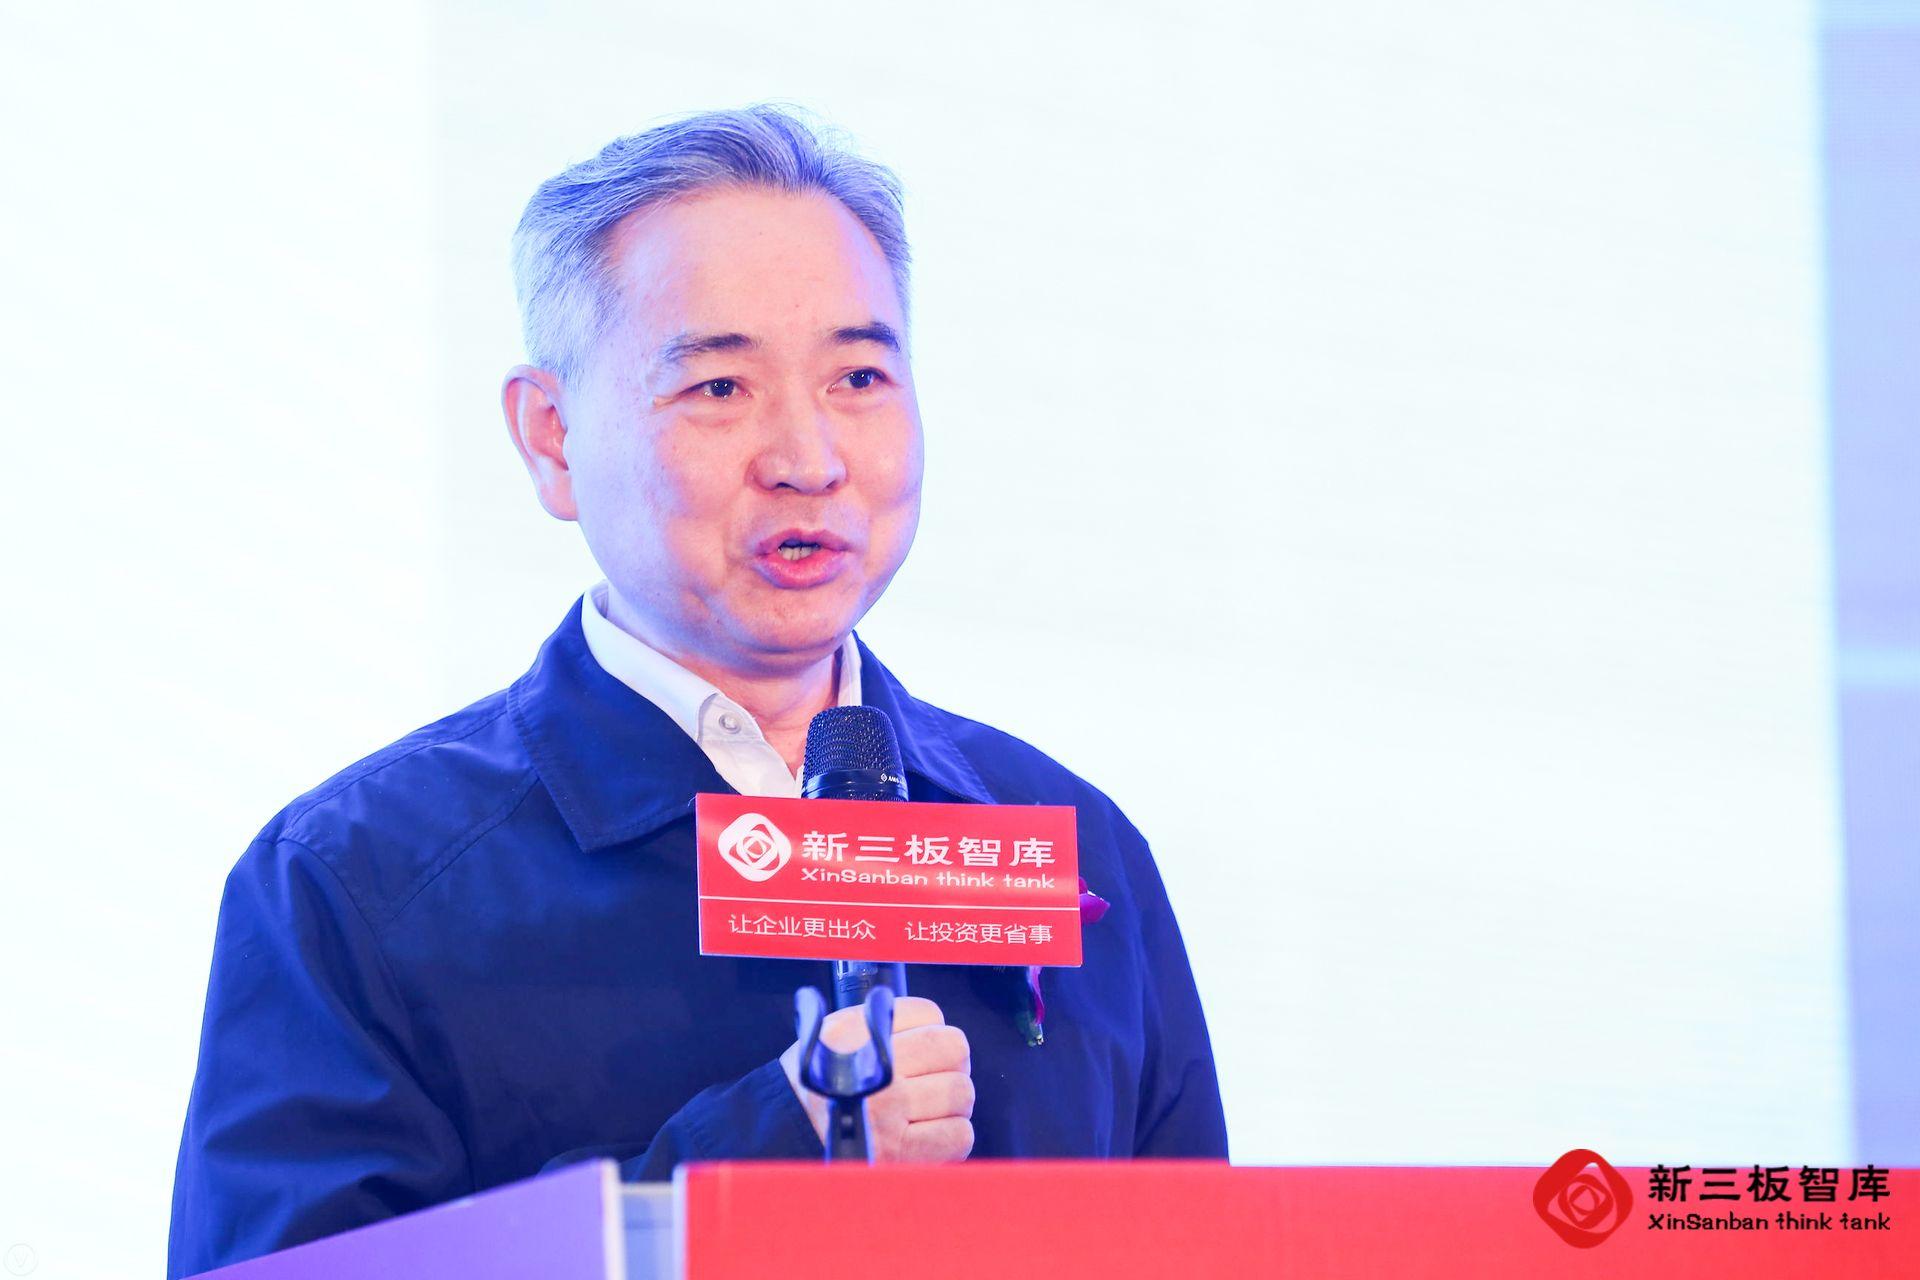 国家发改委中国国际经济交流中心副总经济师 徐洪才博士